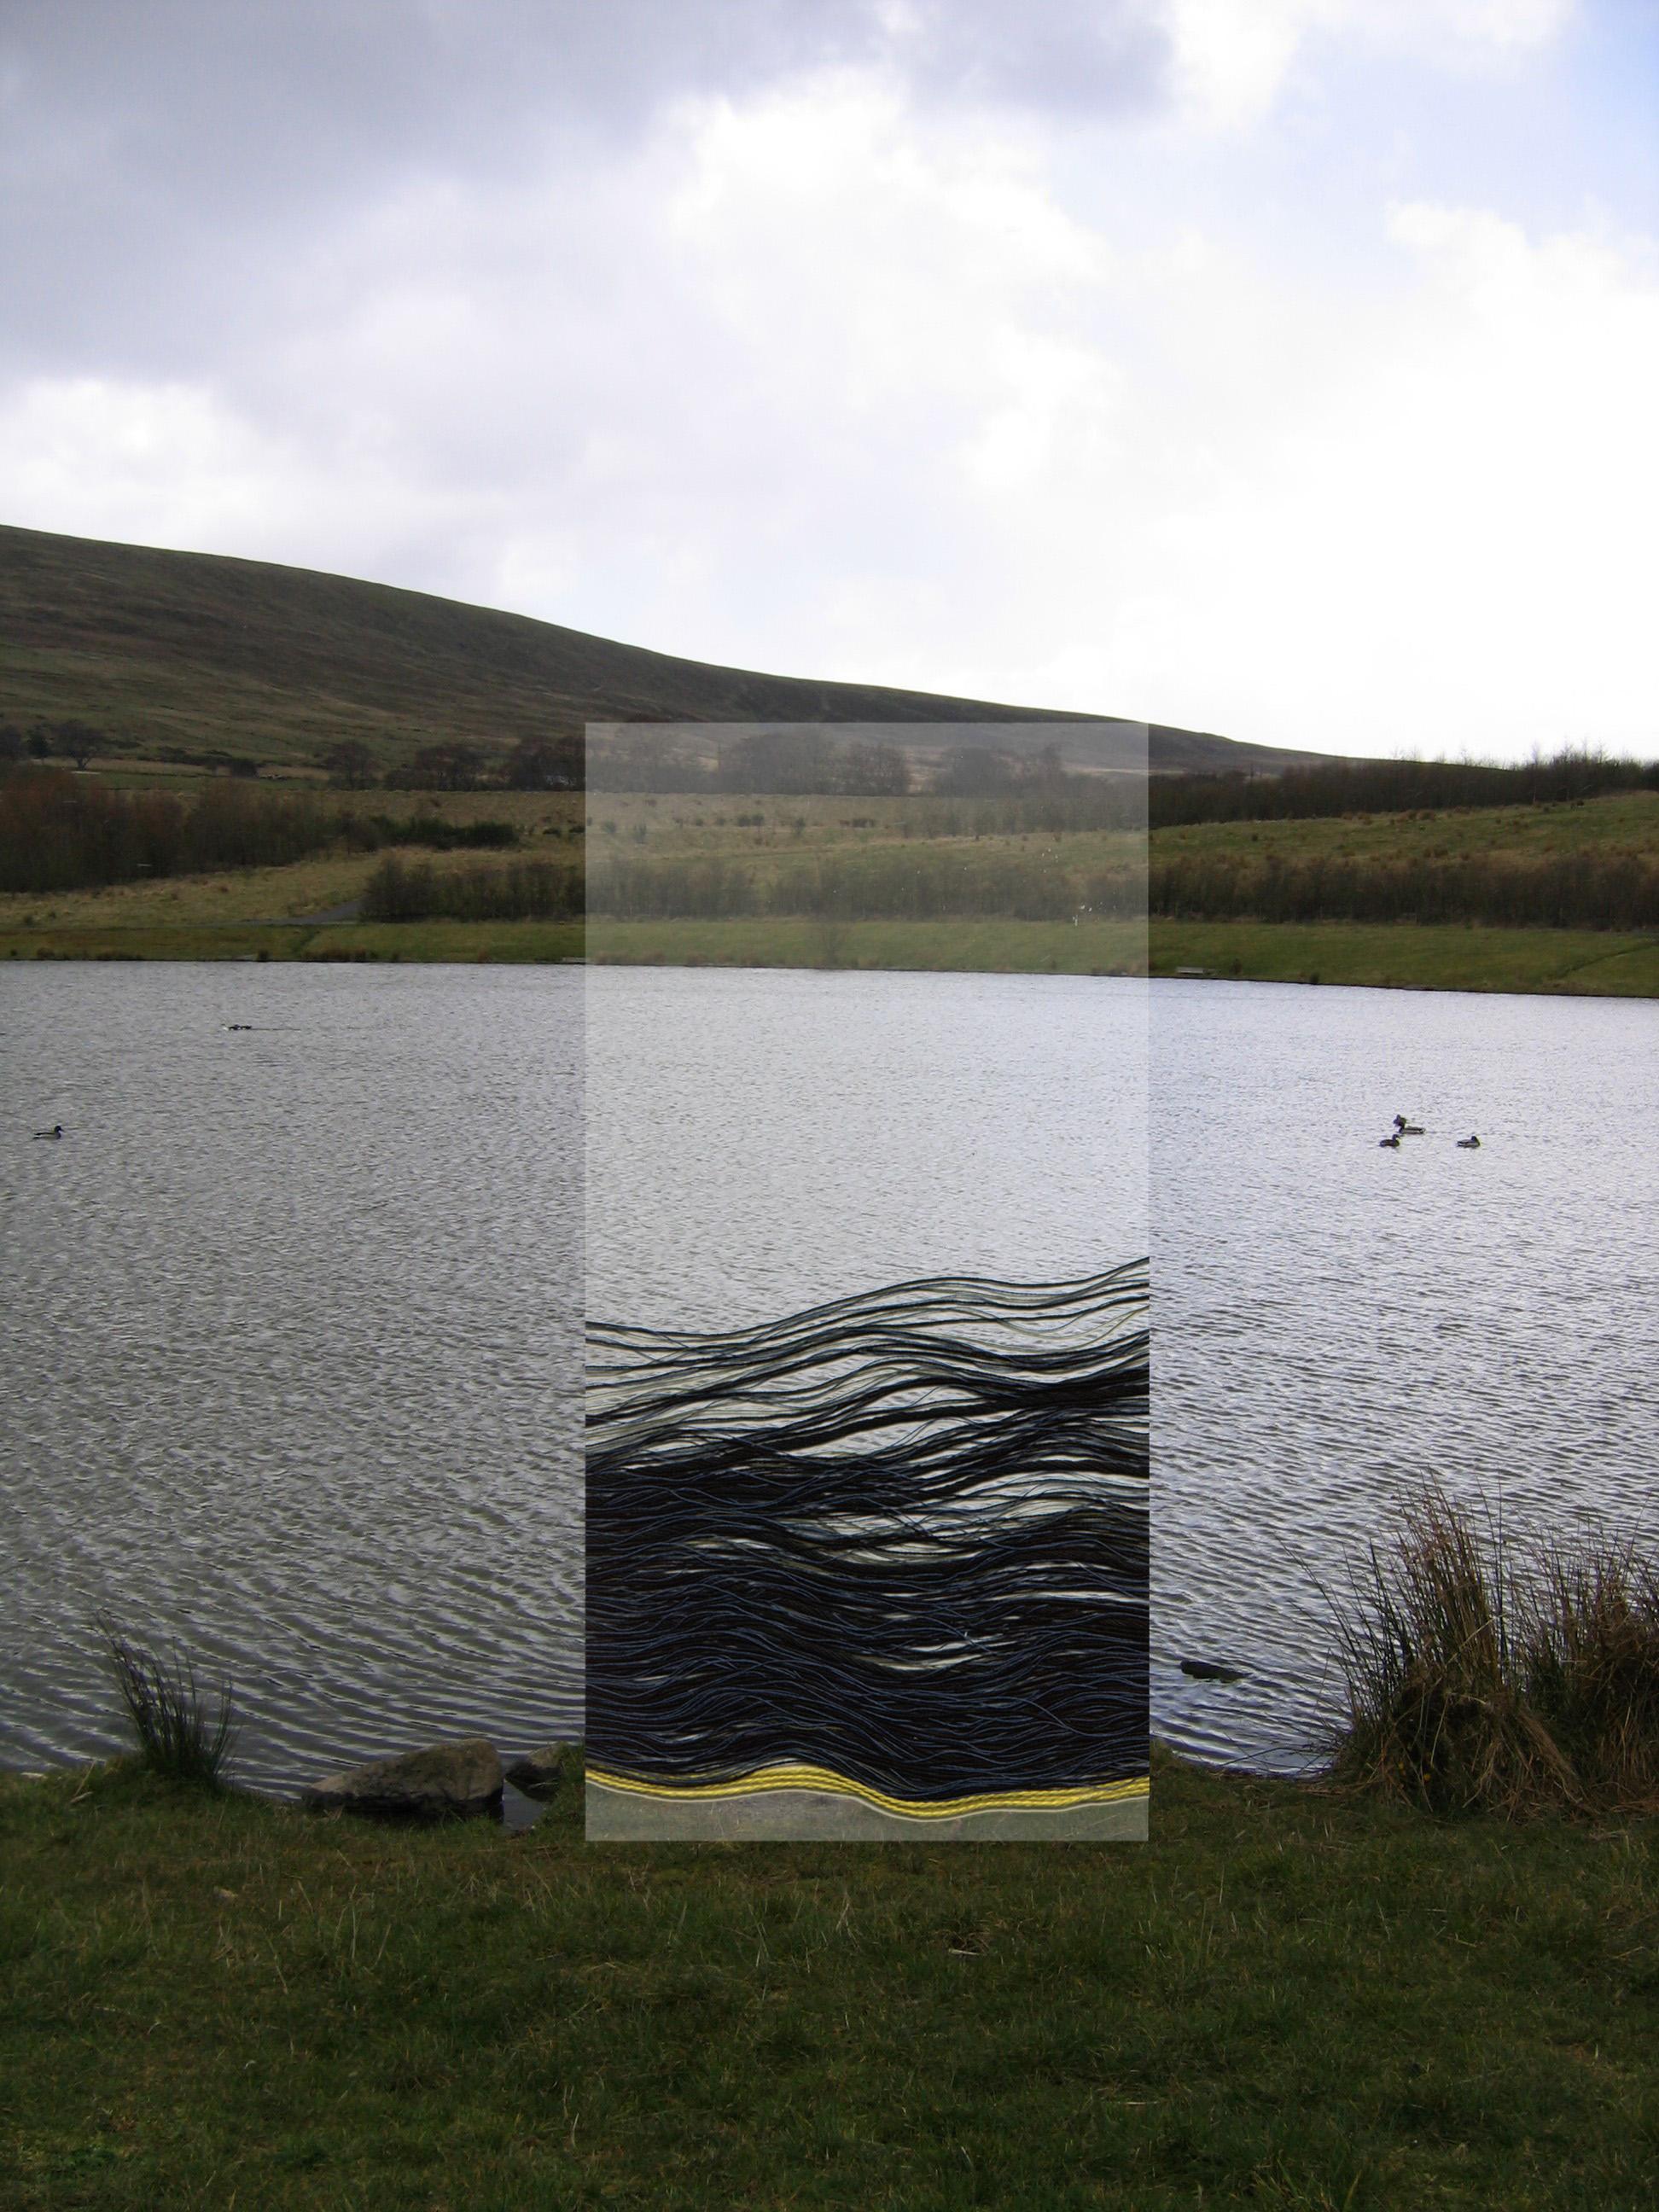 Bleanavon public art proposal at Garn Lake, 2008.